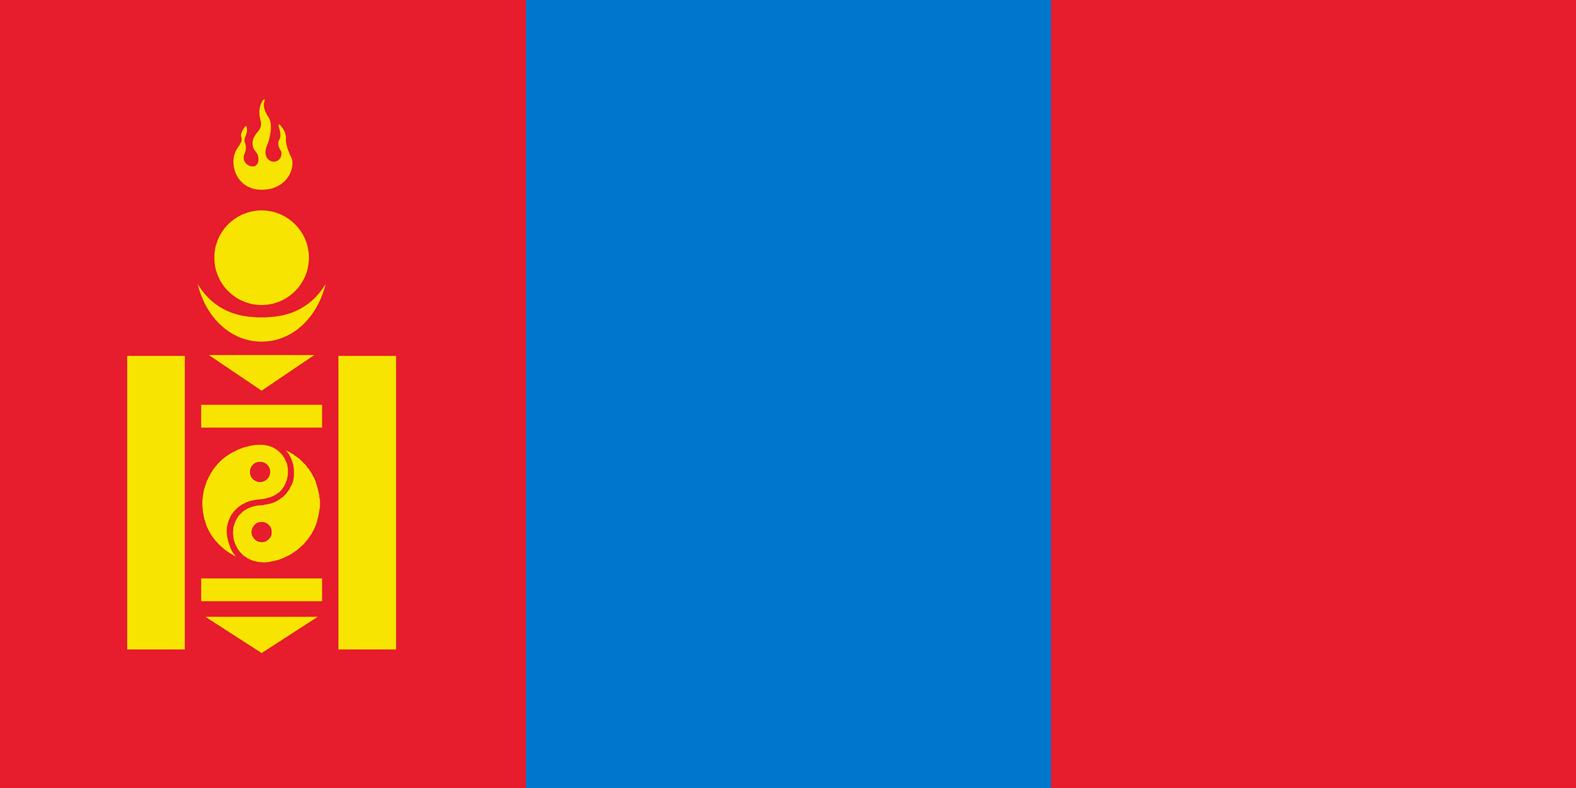 Flag of Mongolia.png